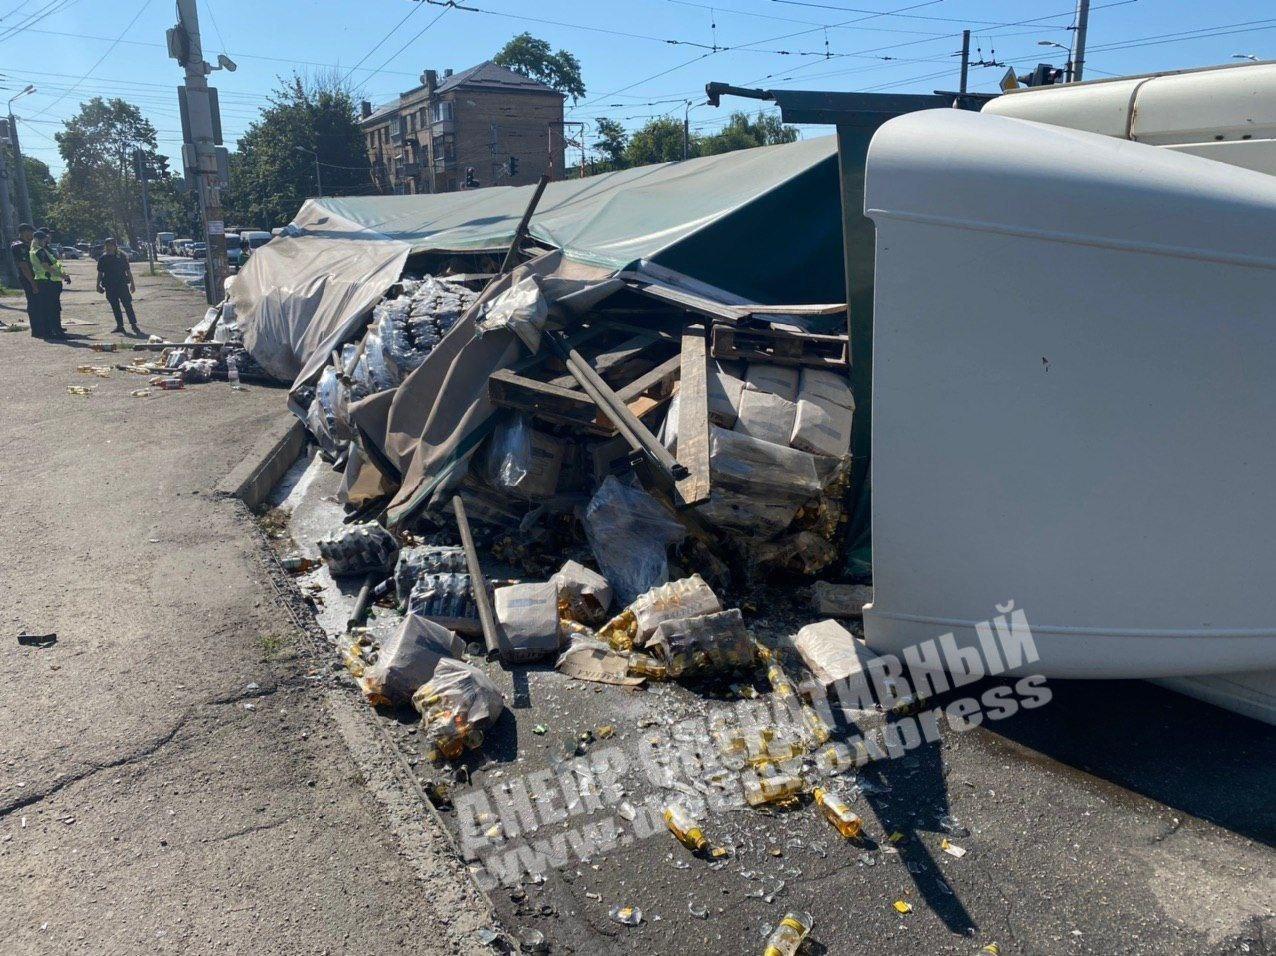 В Днепре на скорости перевернулась фура с пивом: пострадал водитель, - ВИДЕО, фото-2